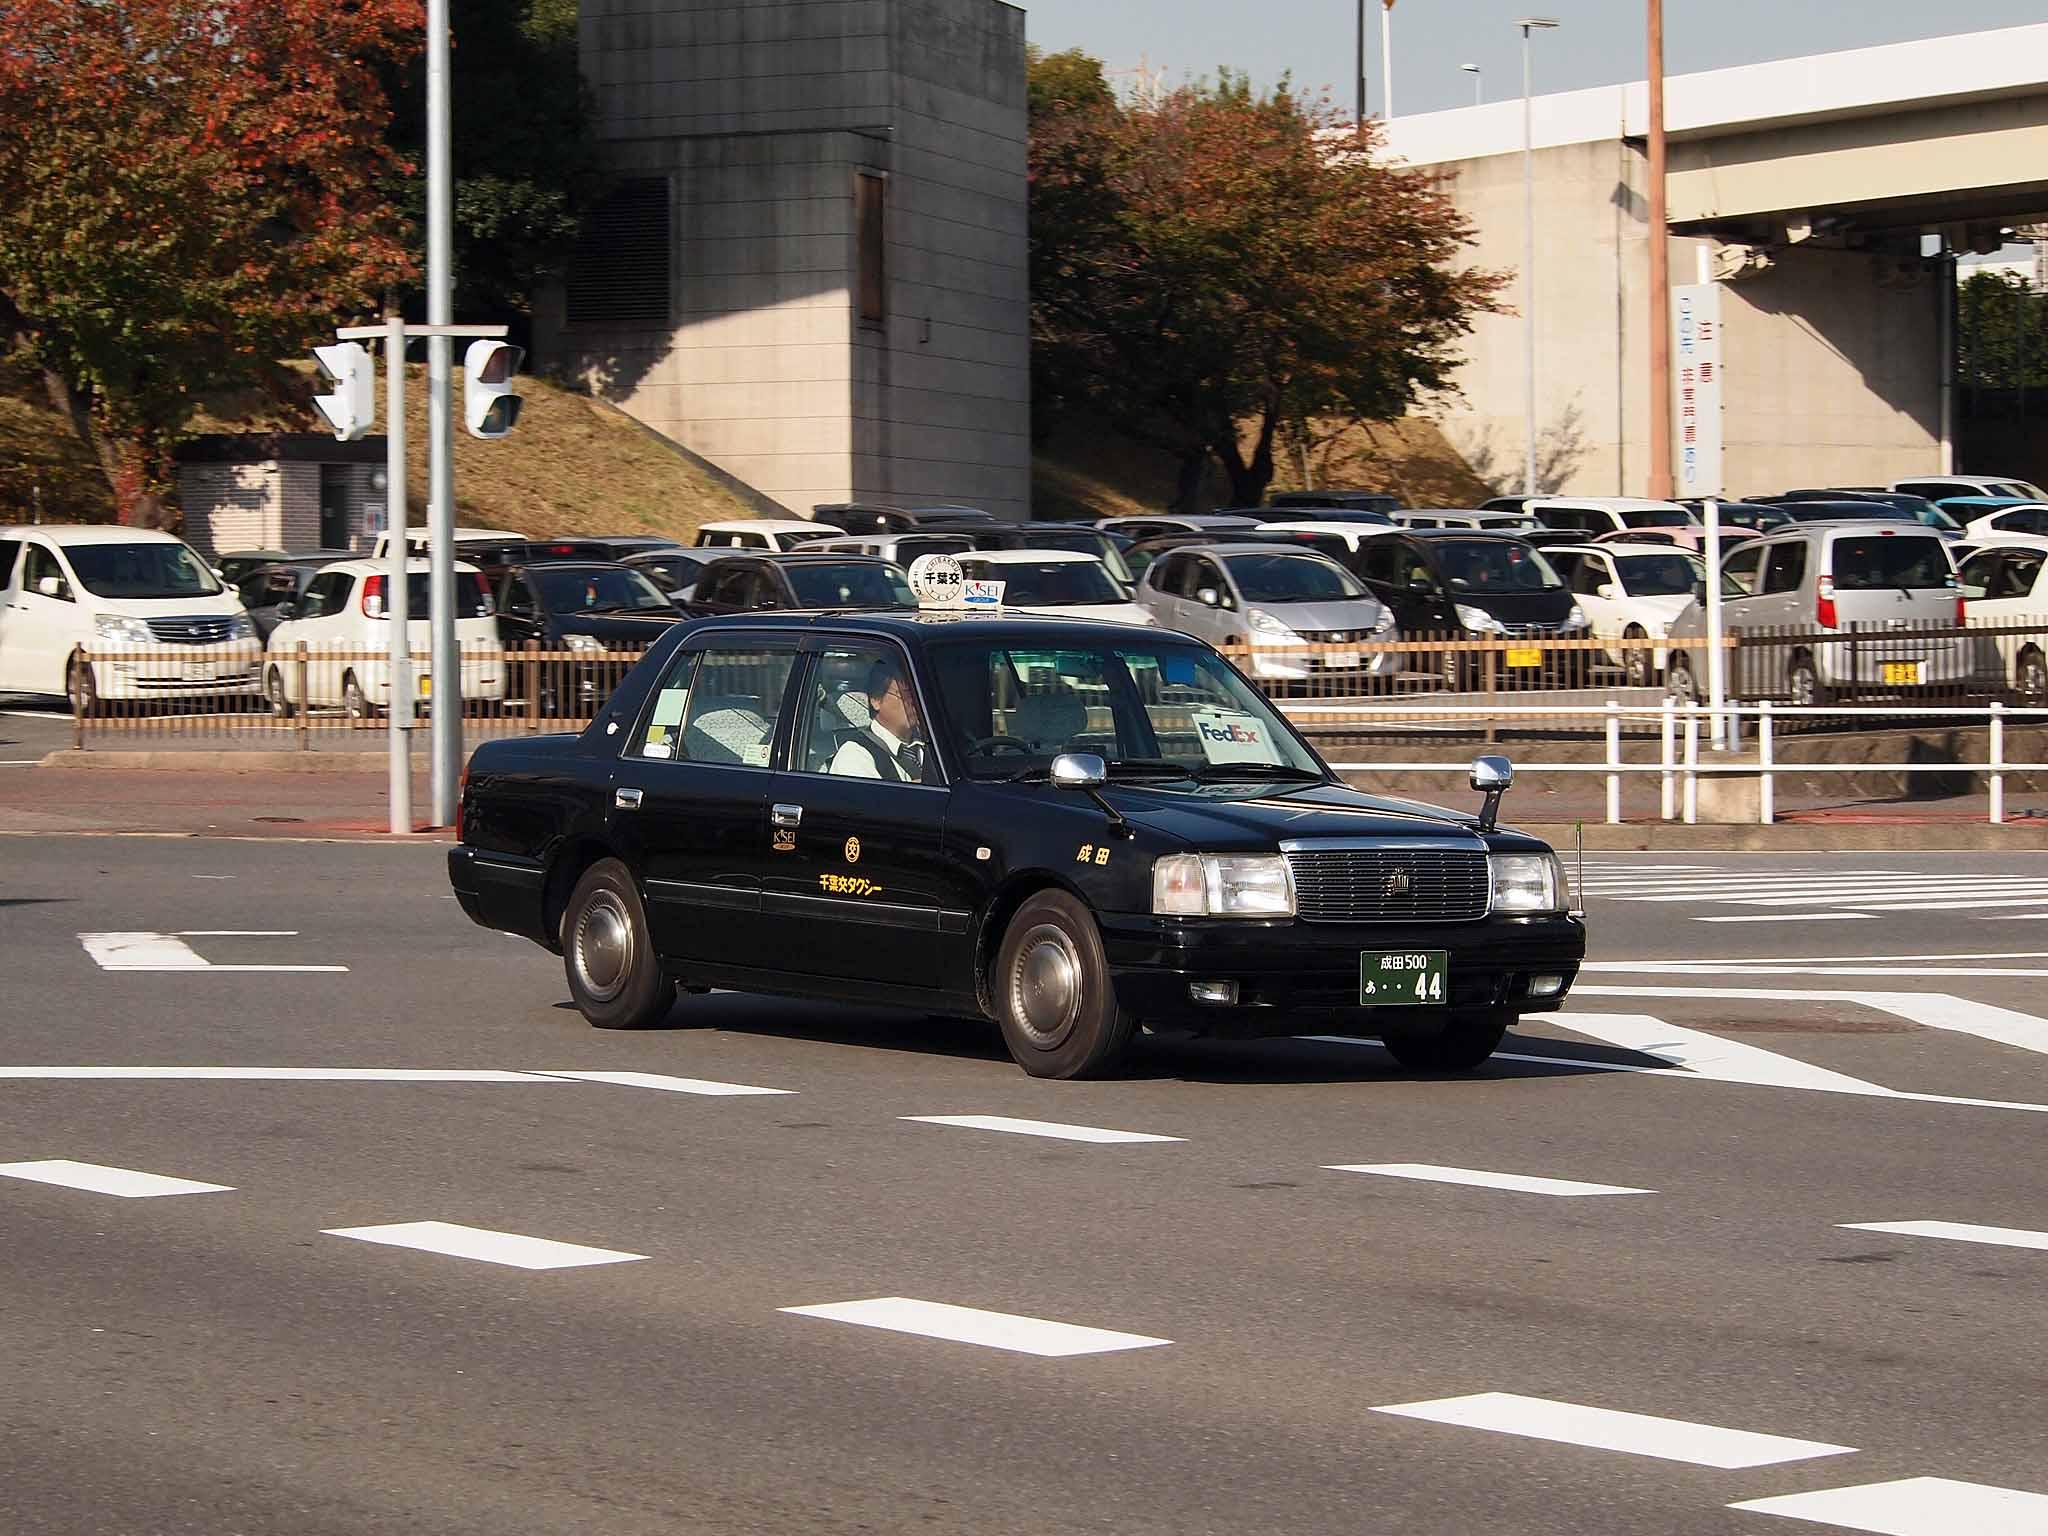 Taxi 23